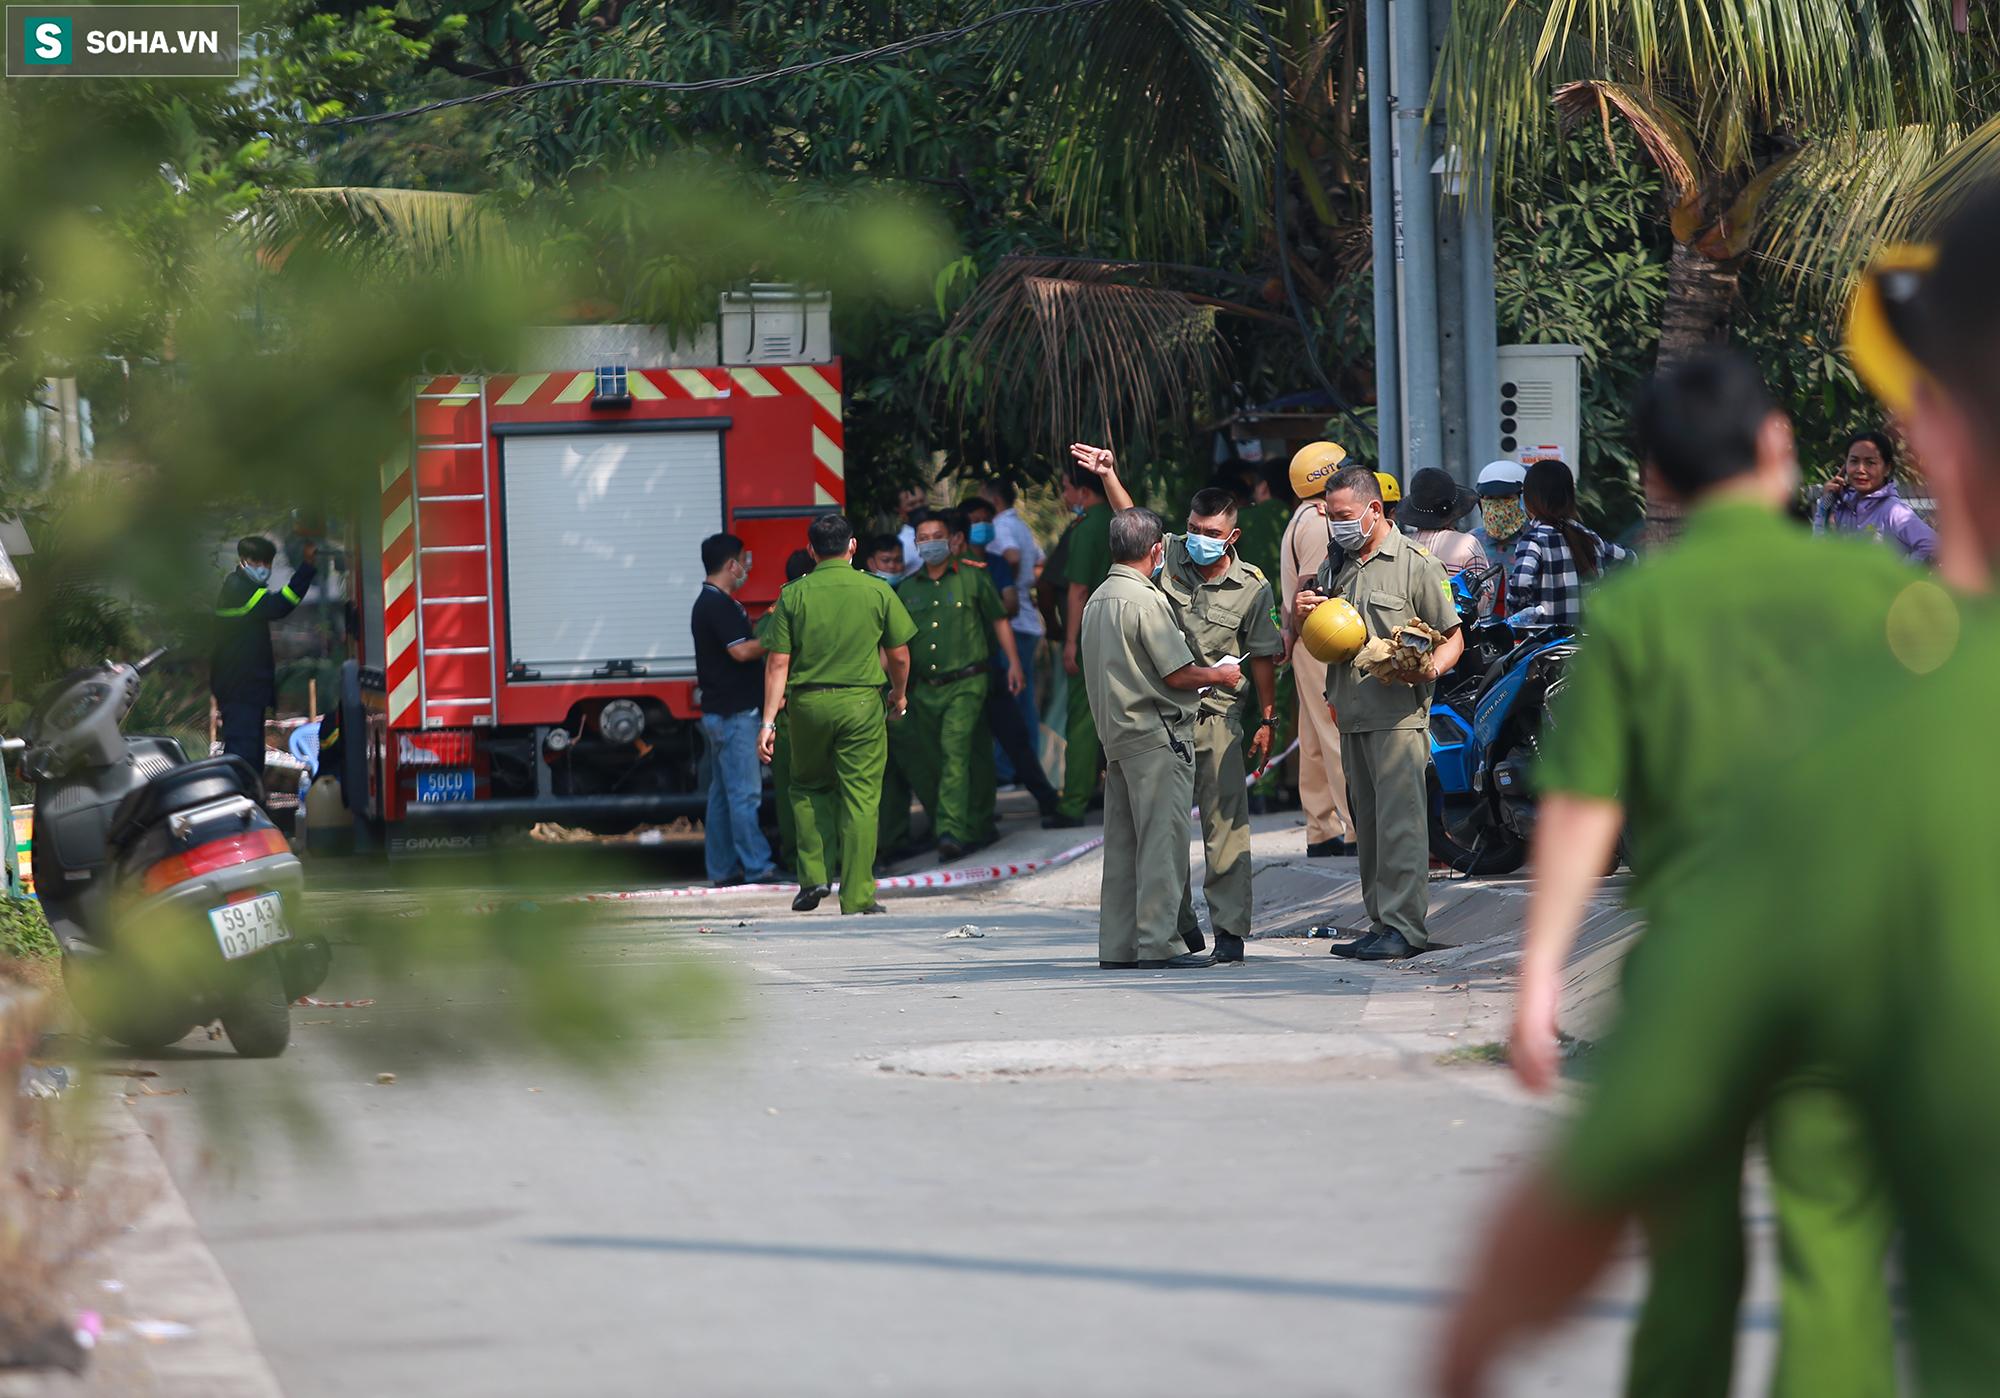 Xót xa hình ảnh còn lại sau đám cháy khiến 6 người trong một gia đình tử vong ở TP.Thủ Đức - Ảnh 1.